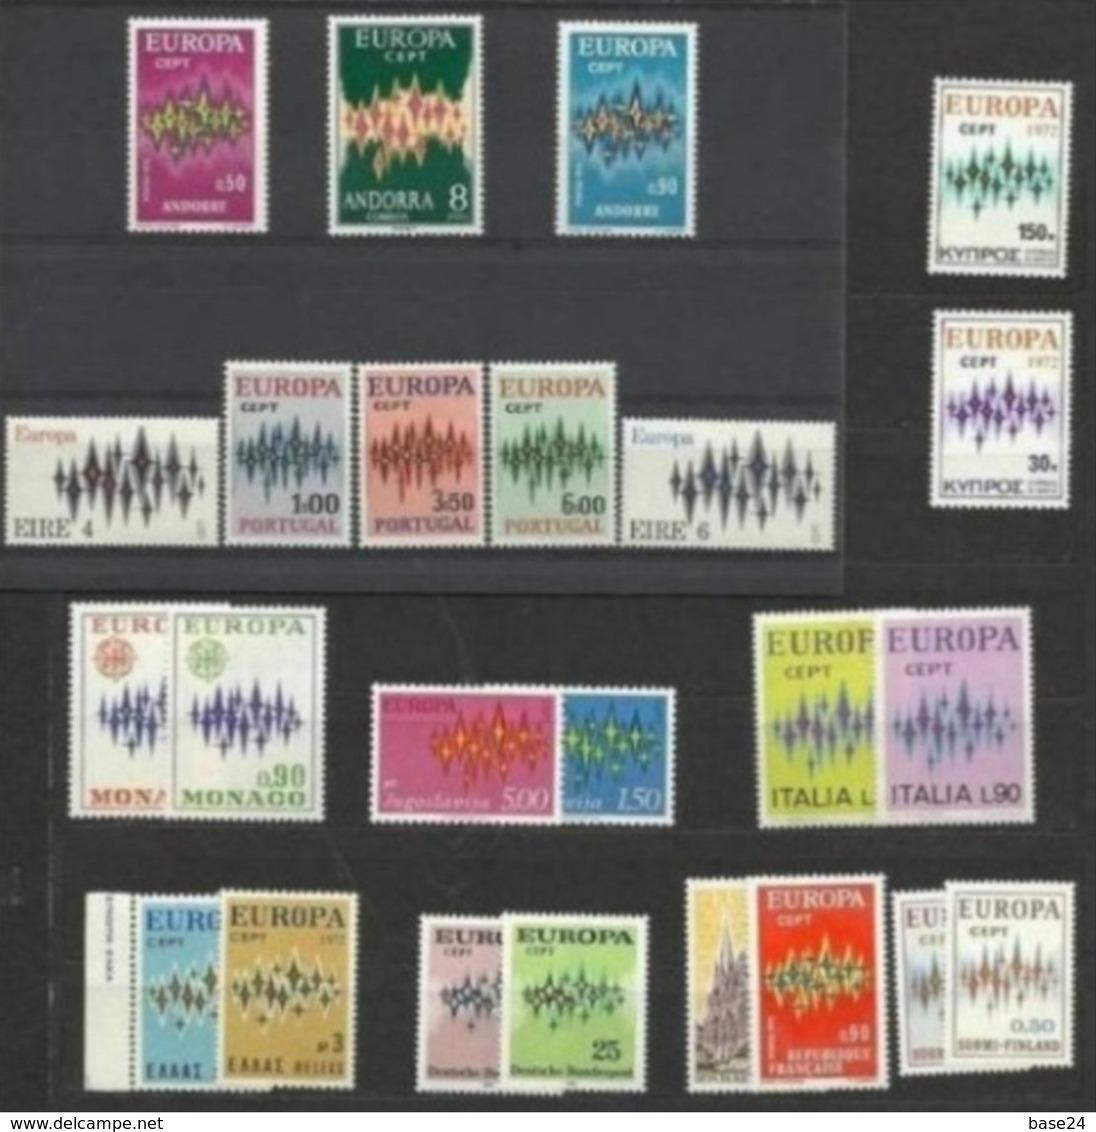 1972 EUROPA CEPT EUROPE  ANNATA  YEAR  22 Paesi (46 Valori) MNH** - Europa-CEPT